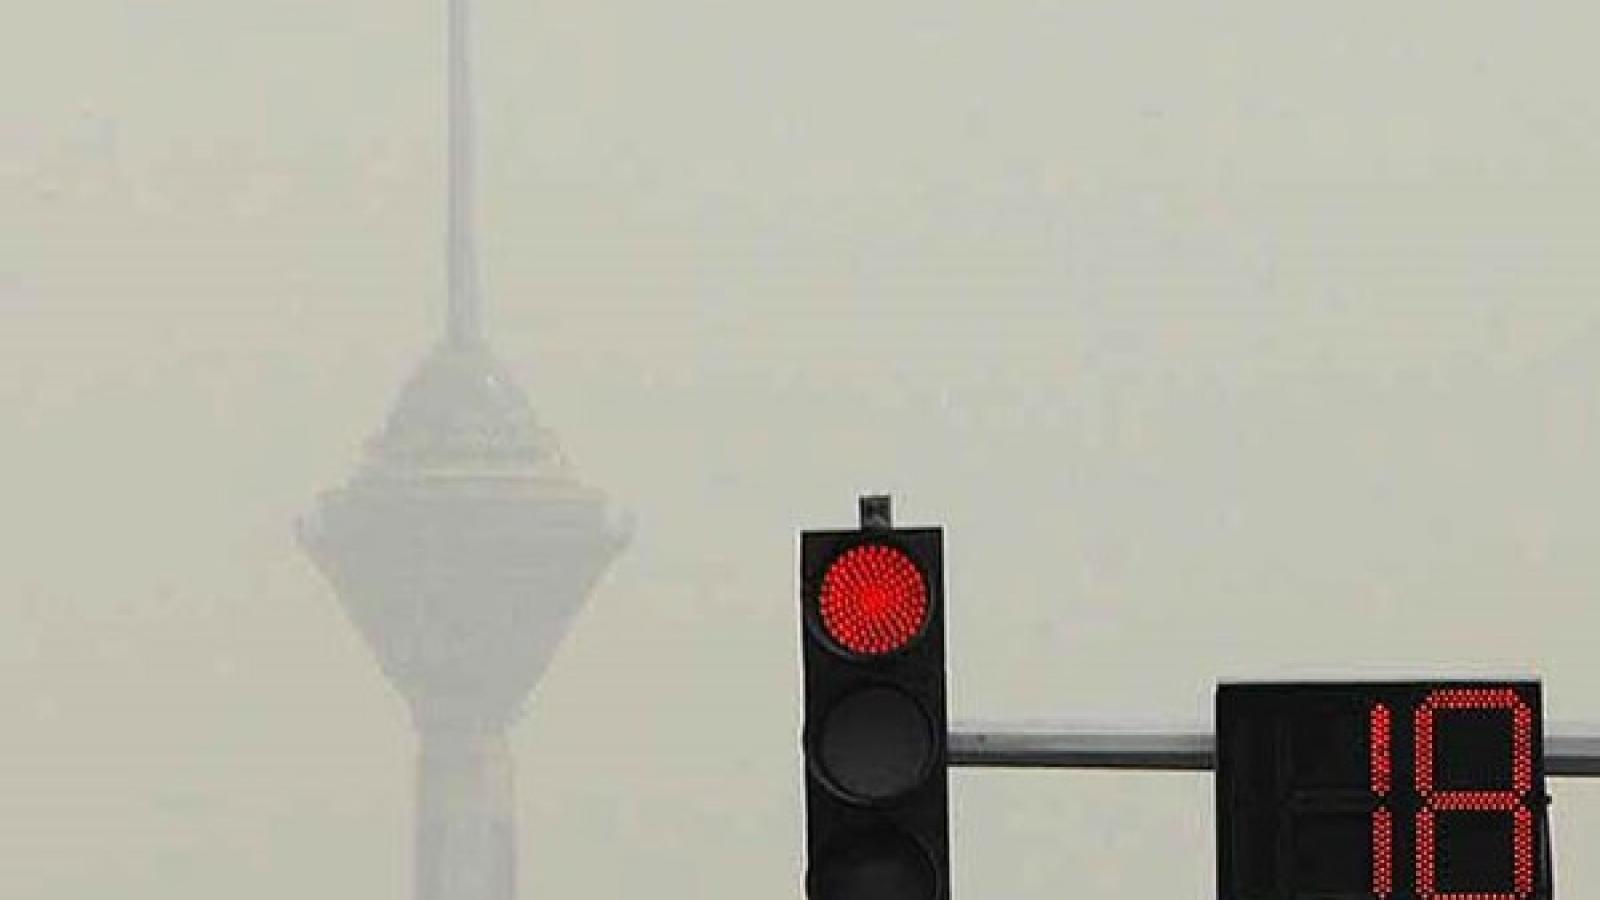 تکلیف تعطیلی 2 هفتهای مدارس به دلیل آلودگی هوا مشخص نیست - اجاره خودرو طباطبایی